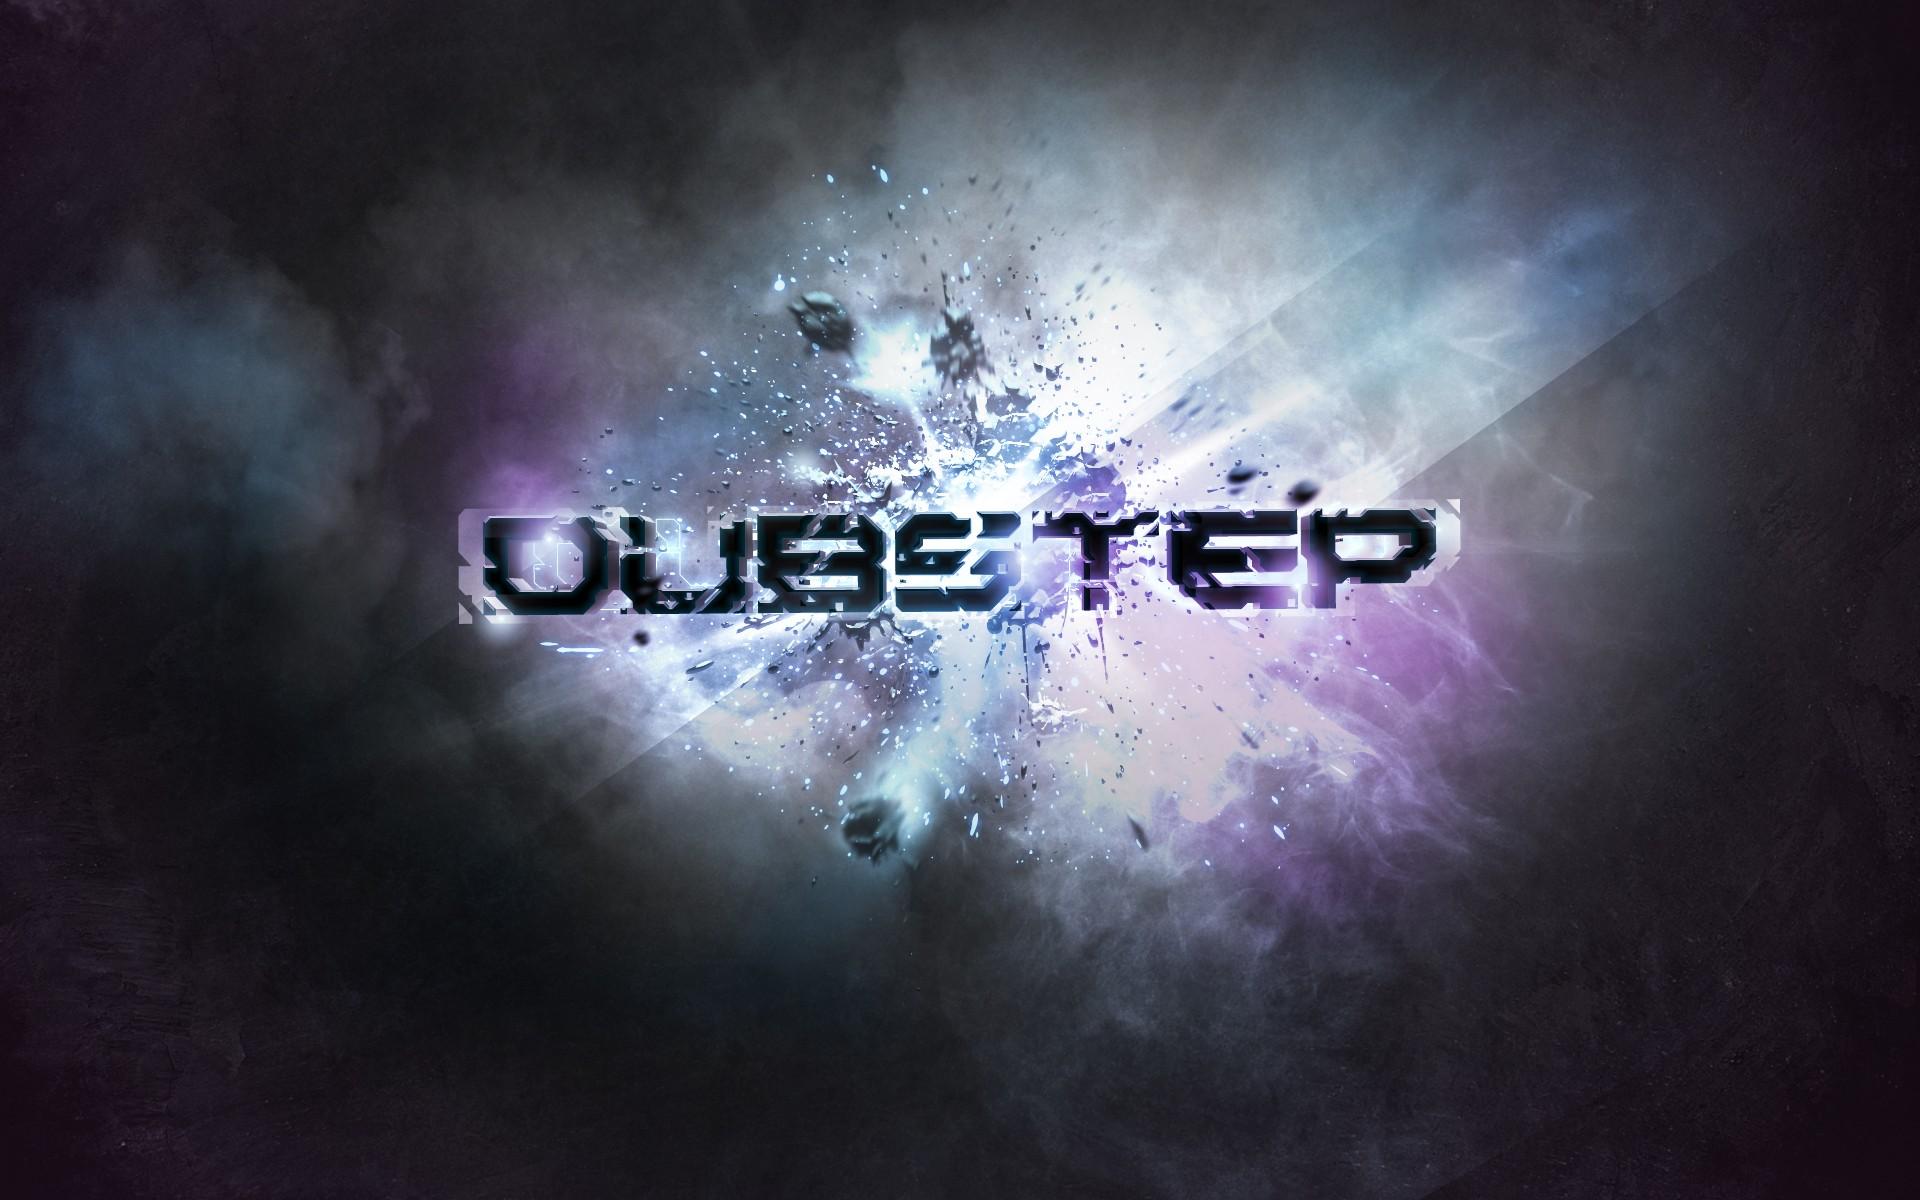 dubstep music widescreen hd wallpaper for desktop